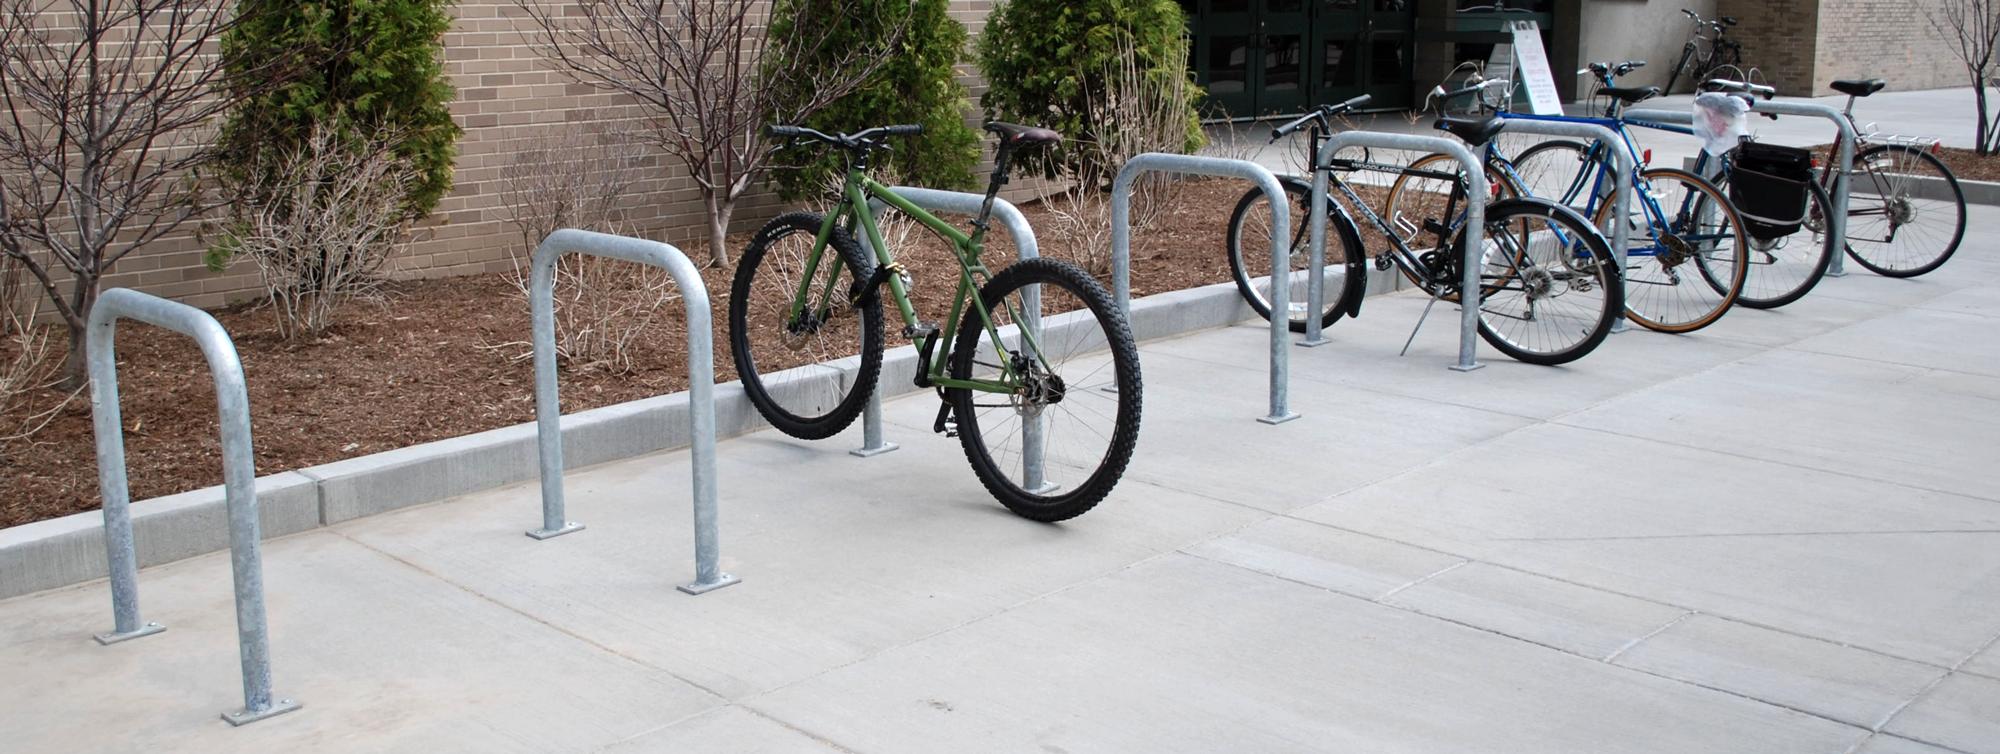 Bike-Parking-Guide-Header-Image-3.png